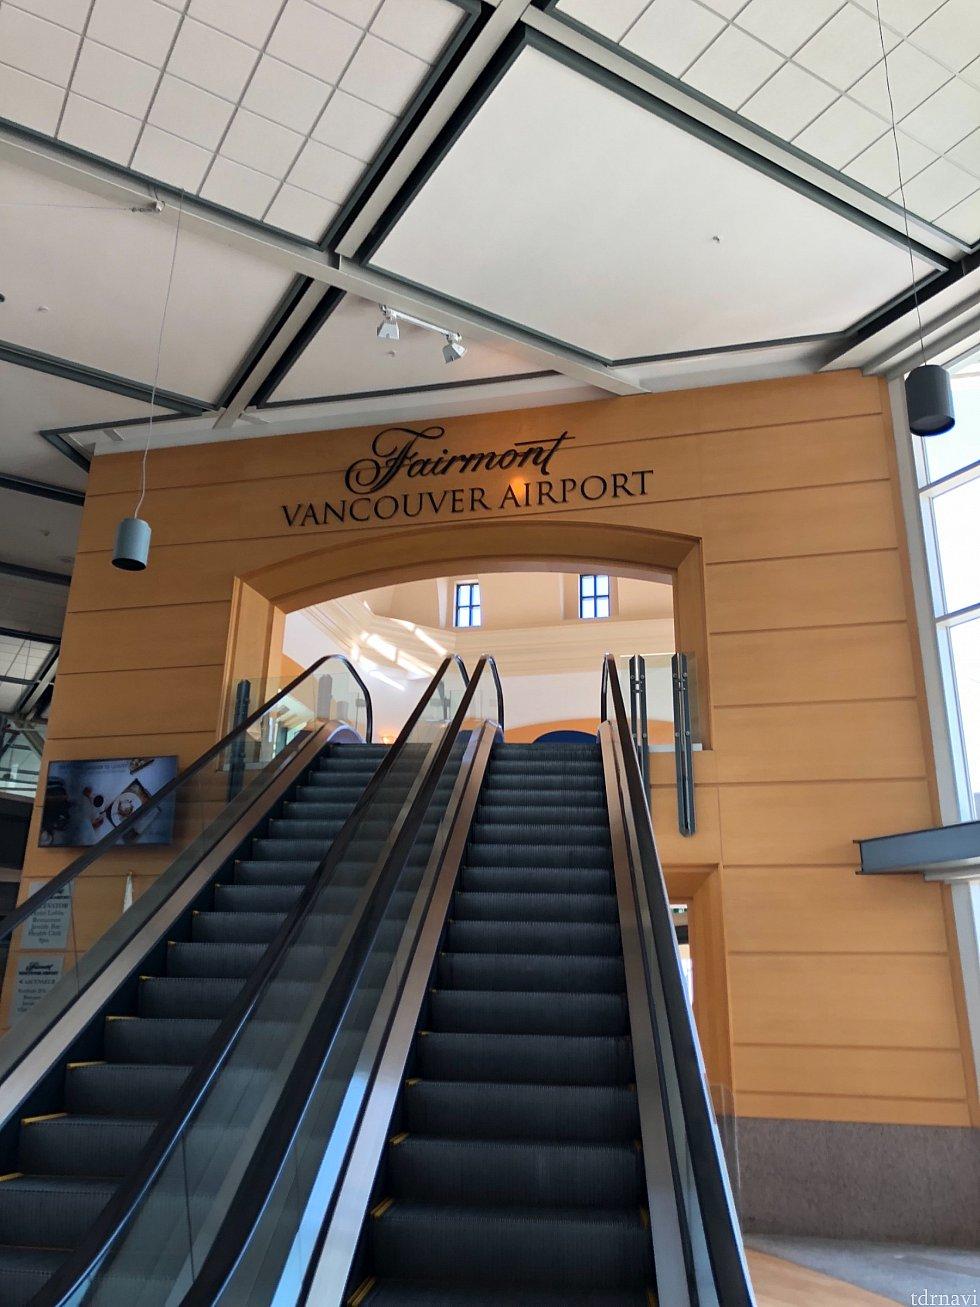 フェアモントホテルバンクーバーエアポート このエスカレーターを登ったところにクルーズシャトルバスの受付がありました